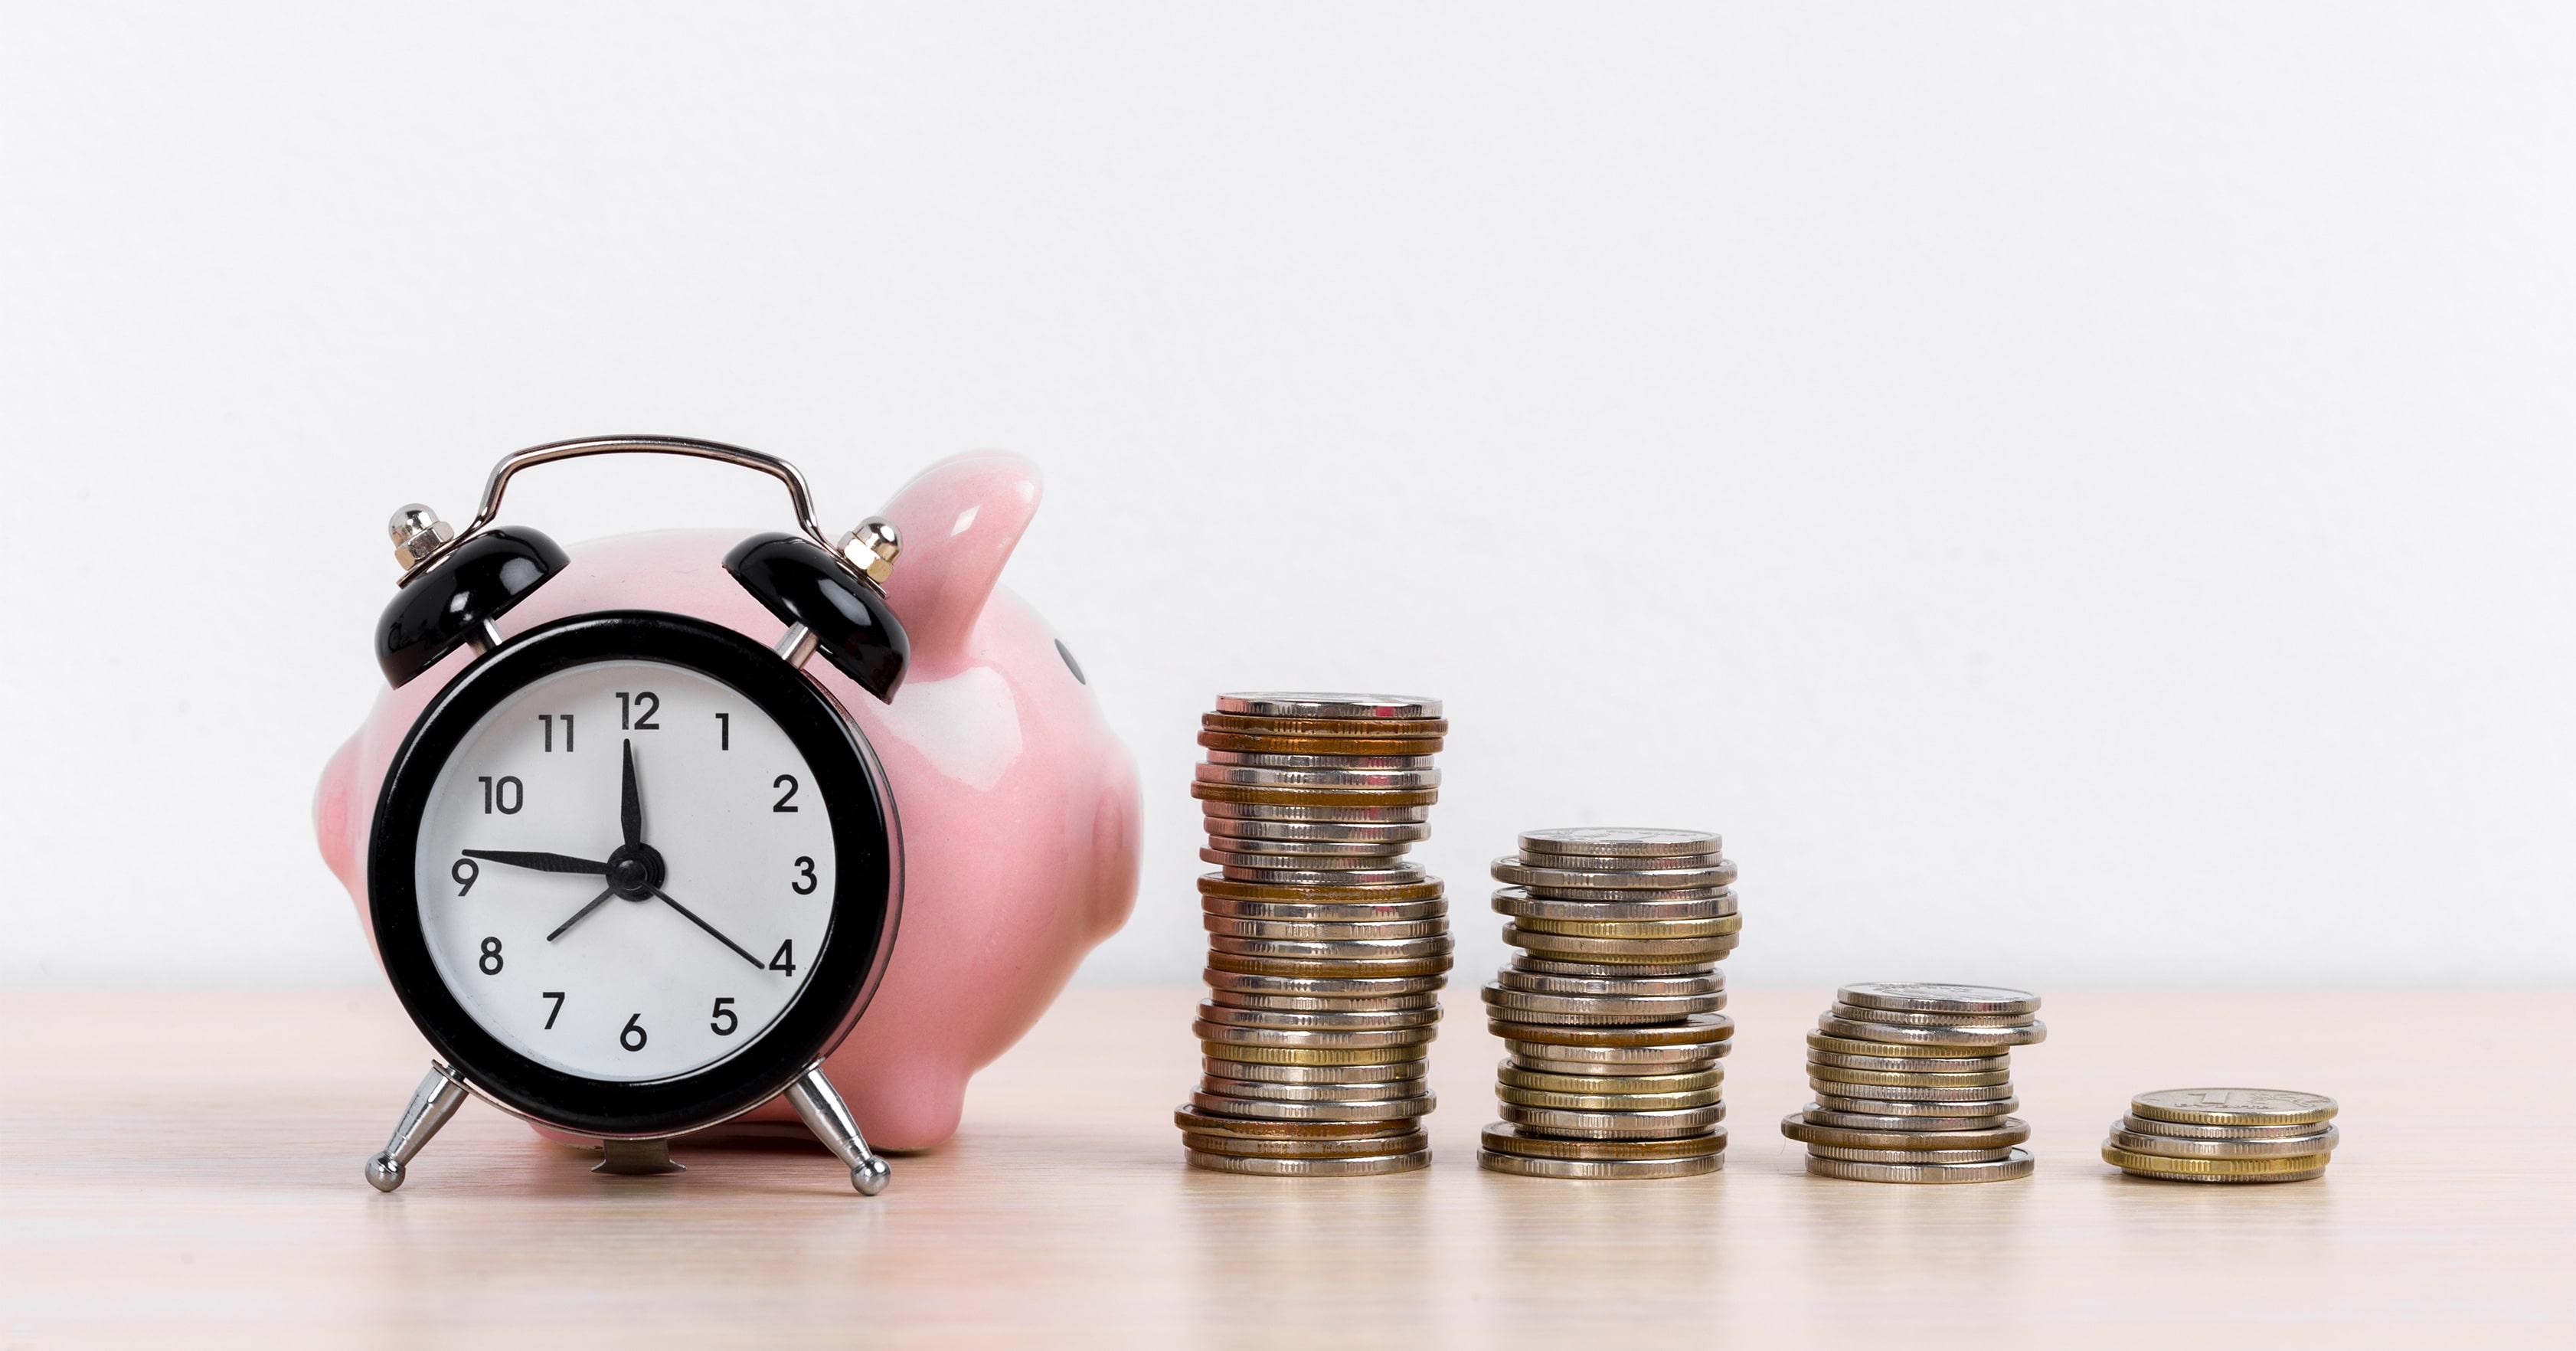 Previdência privada e fundo de pensão são fundamentais para planejar aposentadoria